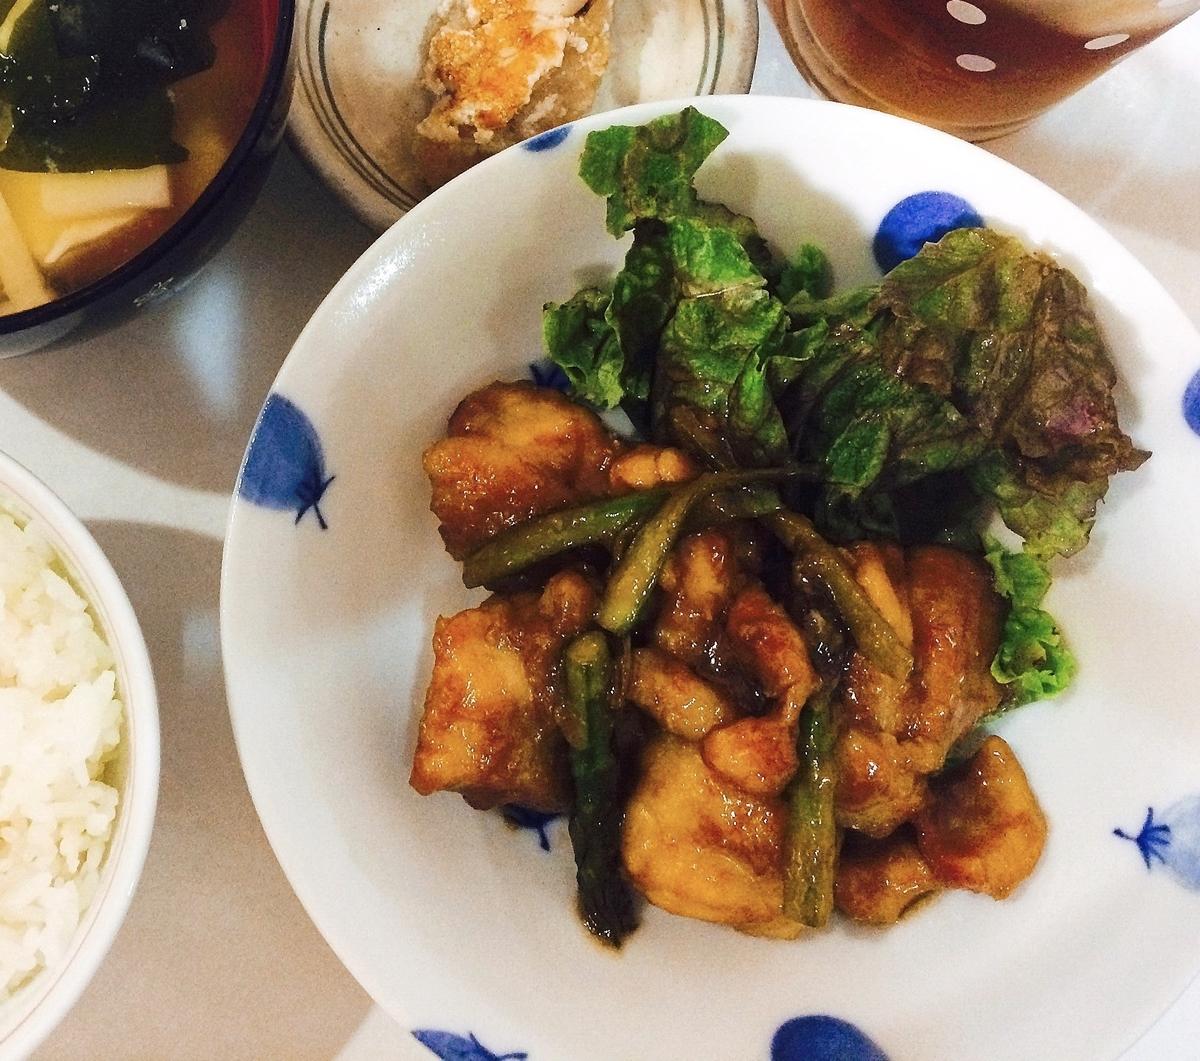 鶏肉とアスパラガスの照り焼き炒め